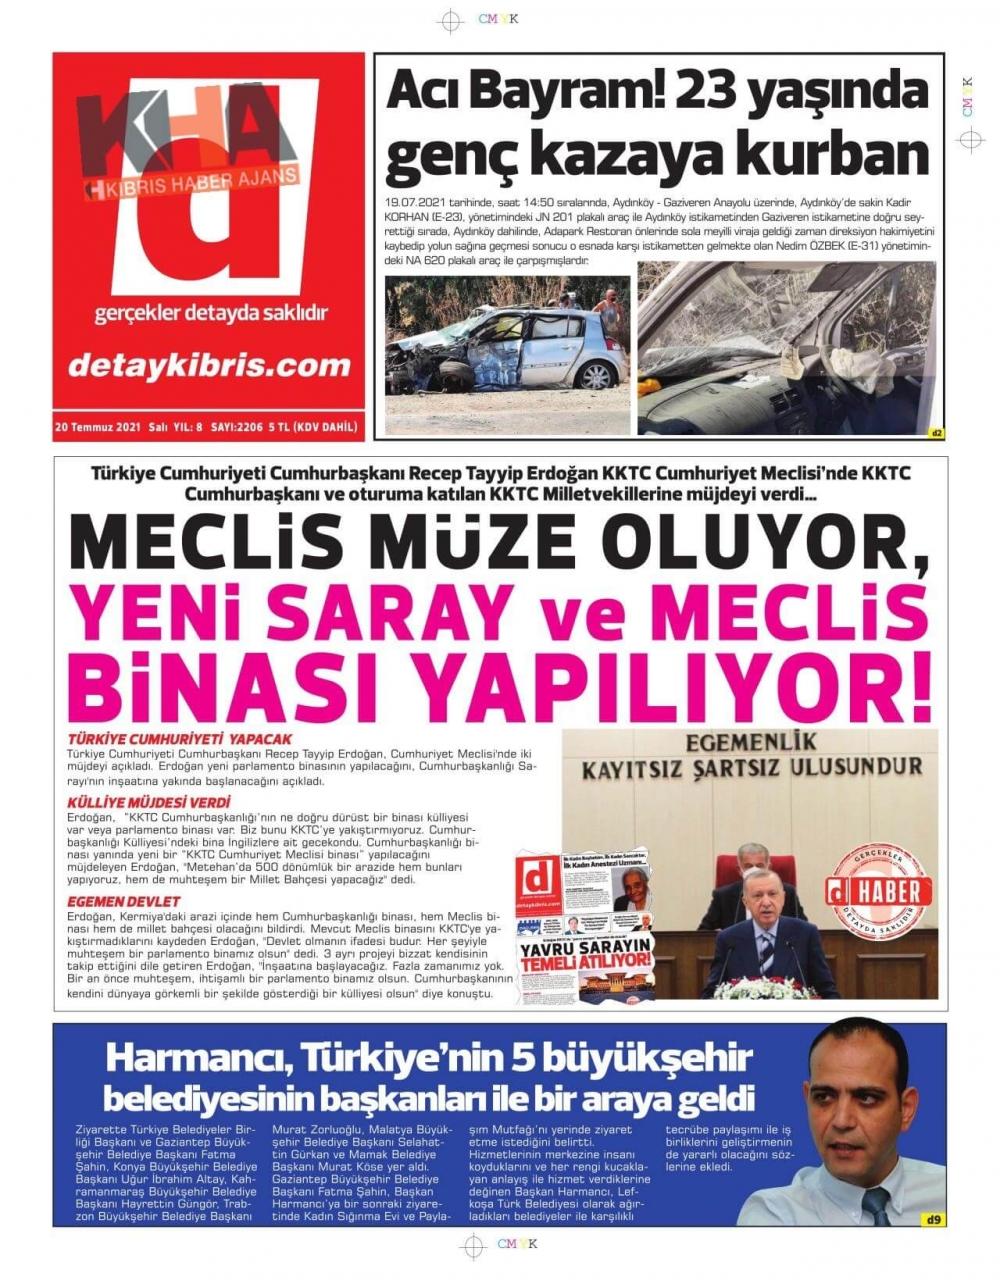 KKTC'de basılı gazeteler Erdoğan'ın Müjdesini nasıl gördü? galerisi resim 1